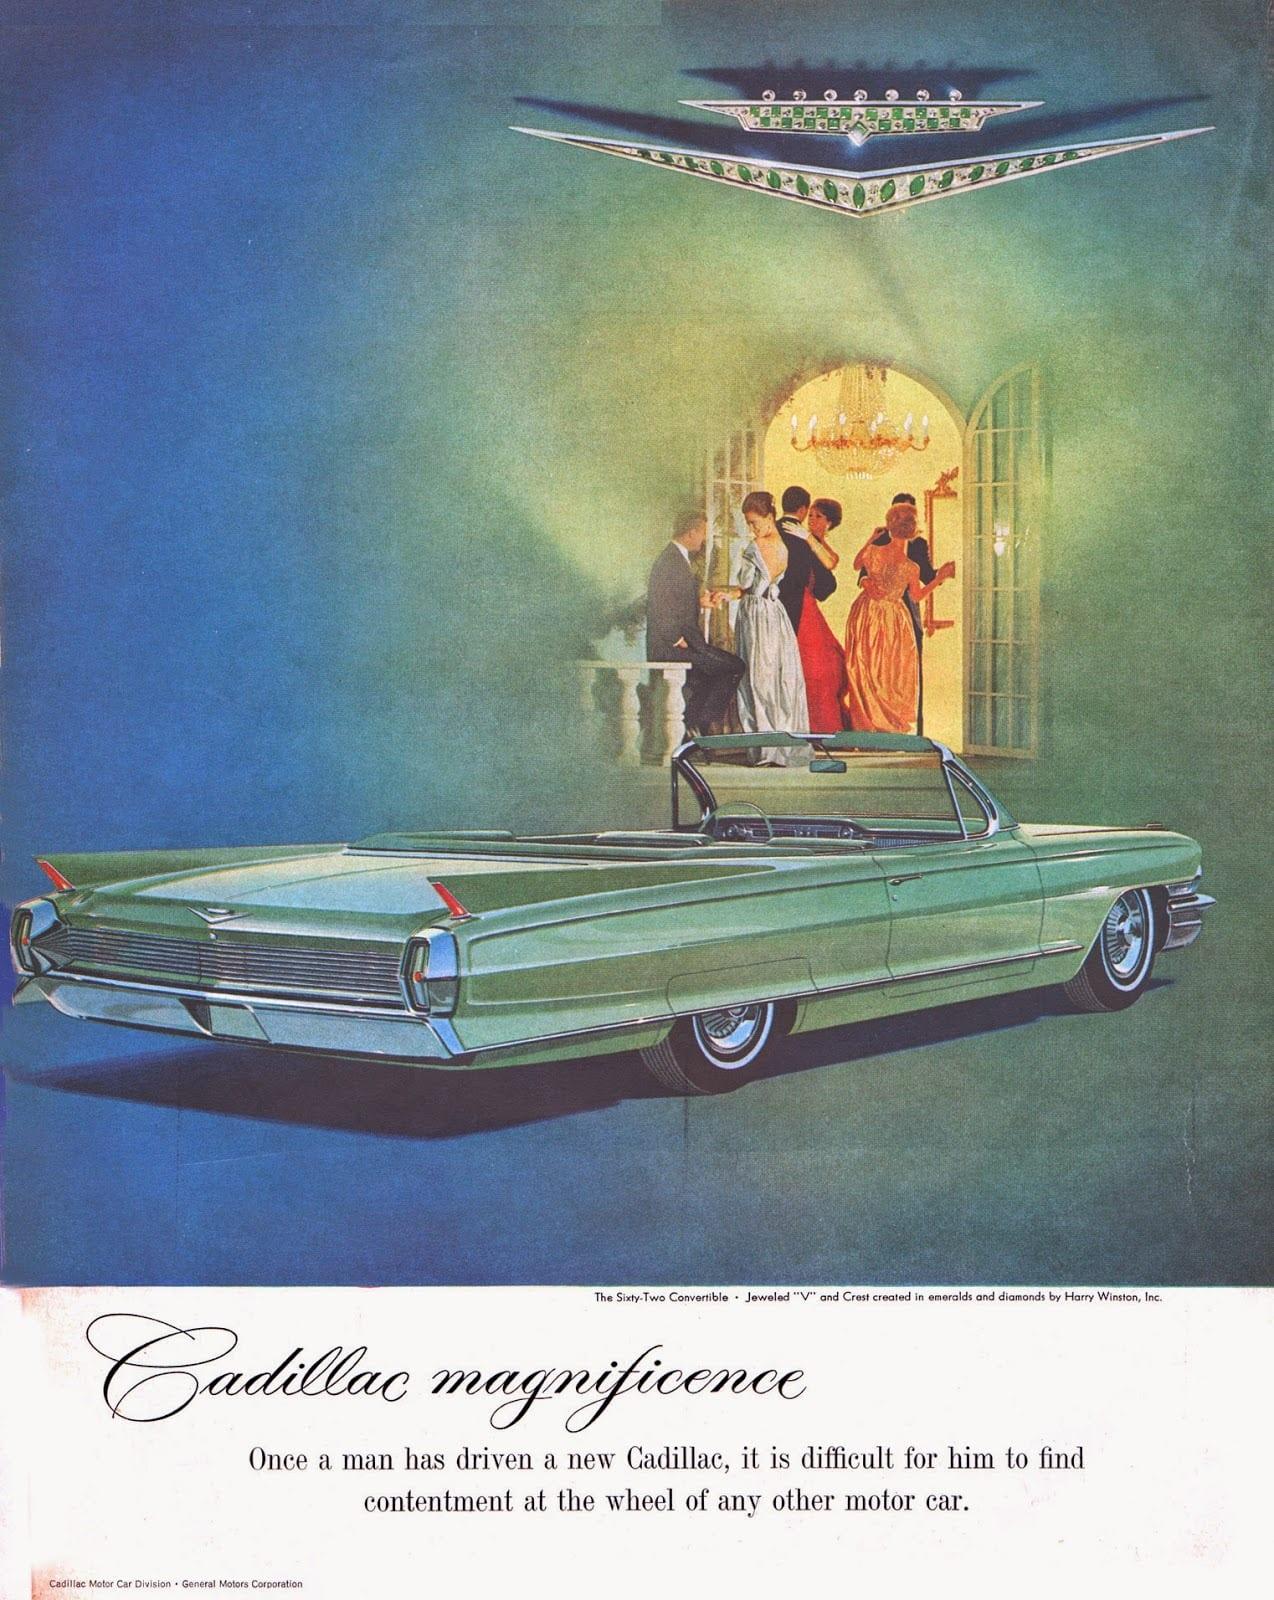 Publicidad Cadillac en 1962